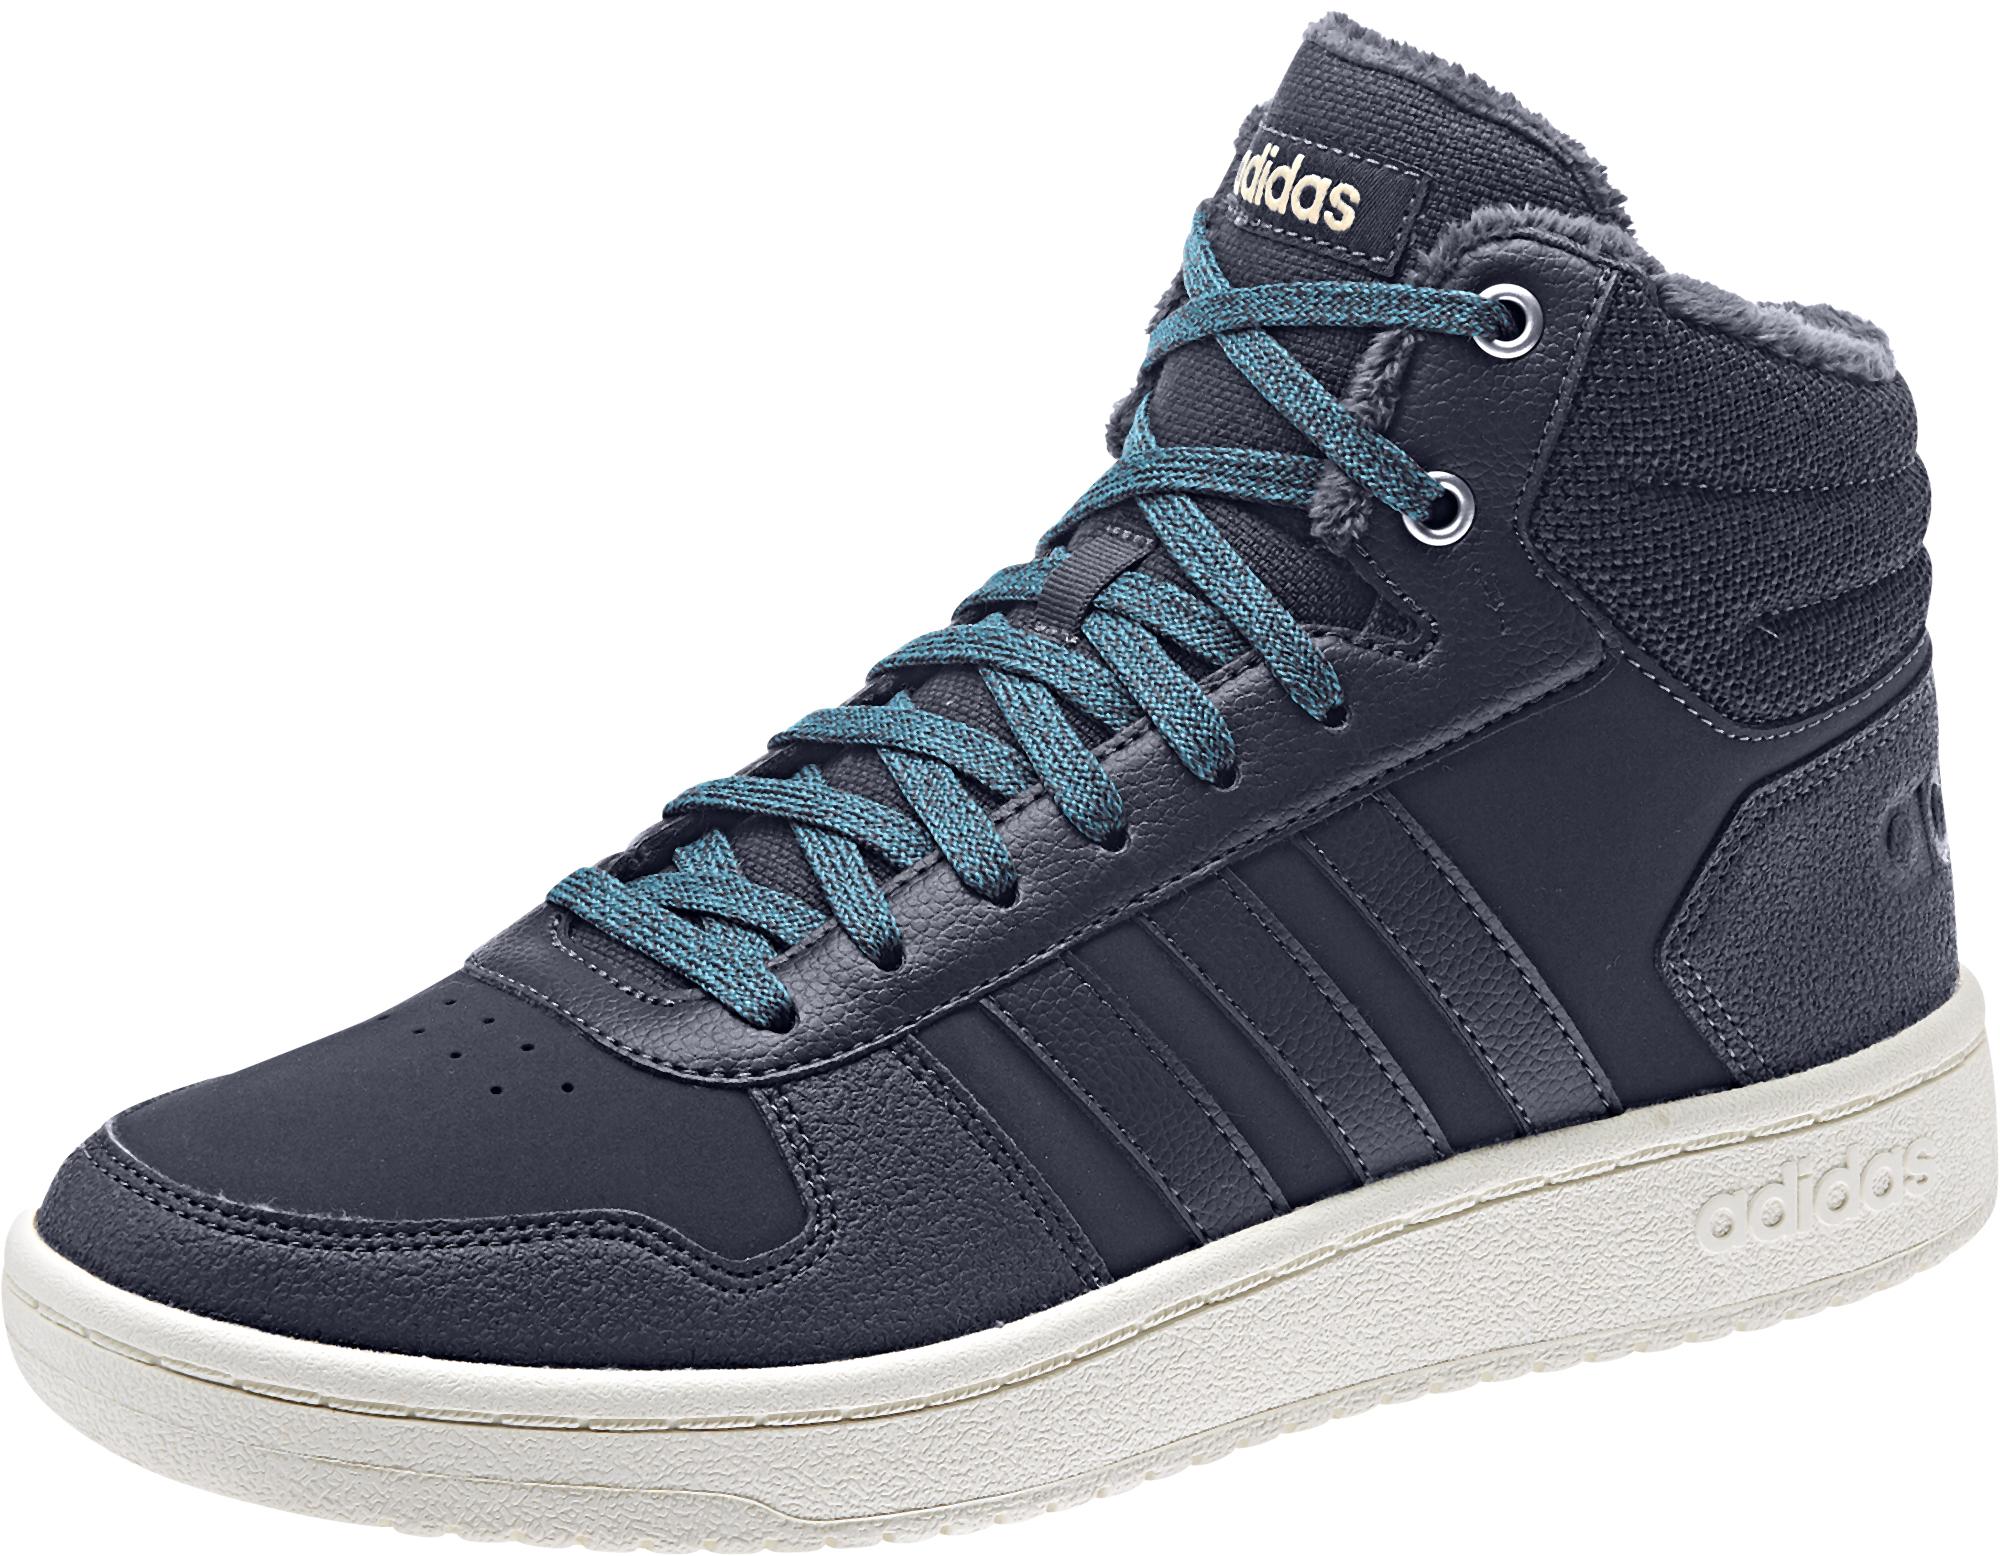 Adidas Кеды высокие женские Hoops 2.0, размер 37,5